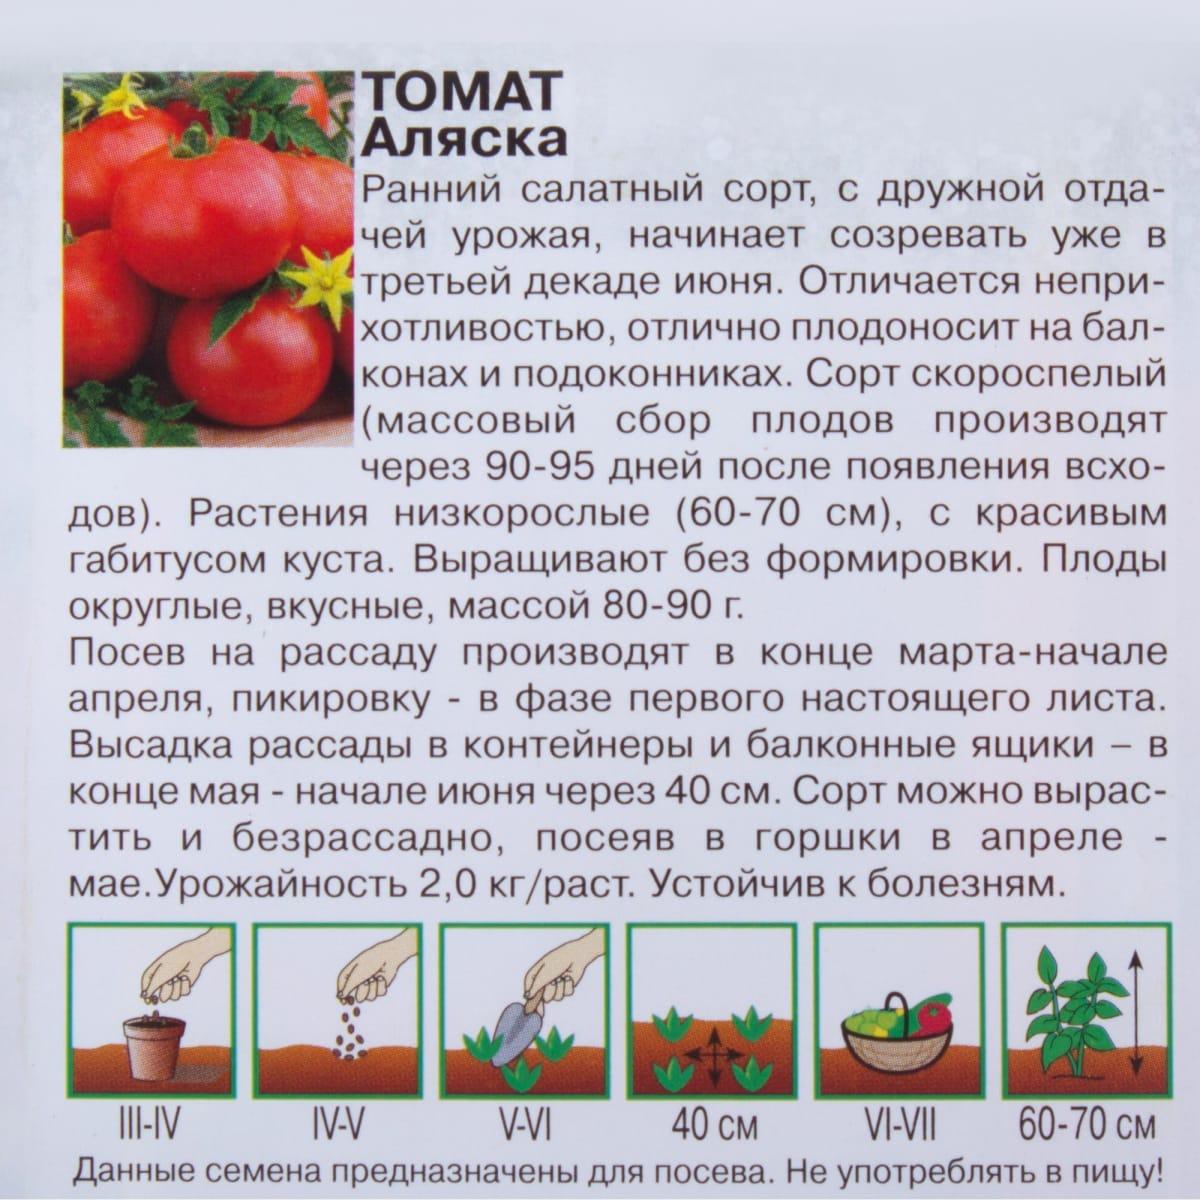 Урожайность, характеристика и описание сорта томата аляска - всё про сады